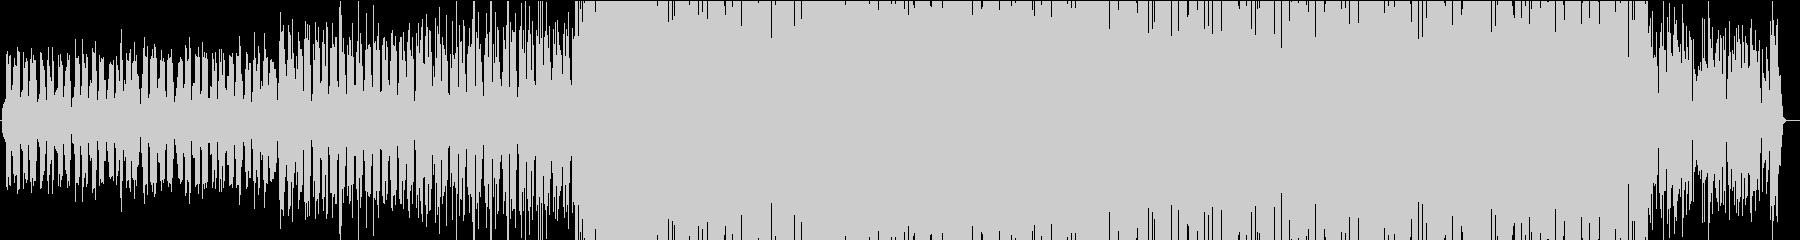 カワイイおしゃれEDM!トロピカルハウスの未再生の波形